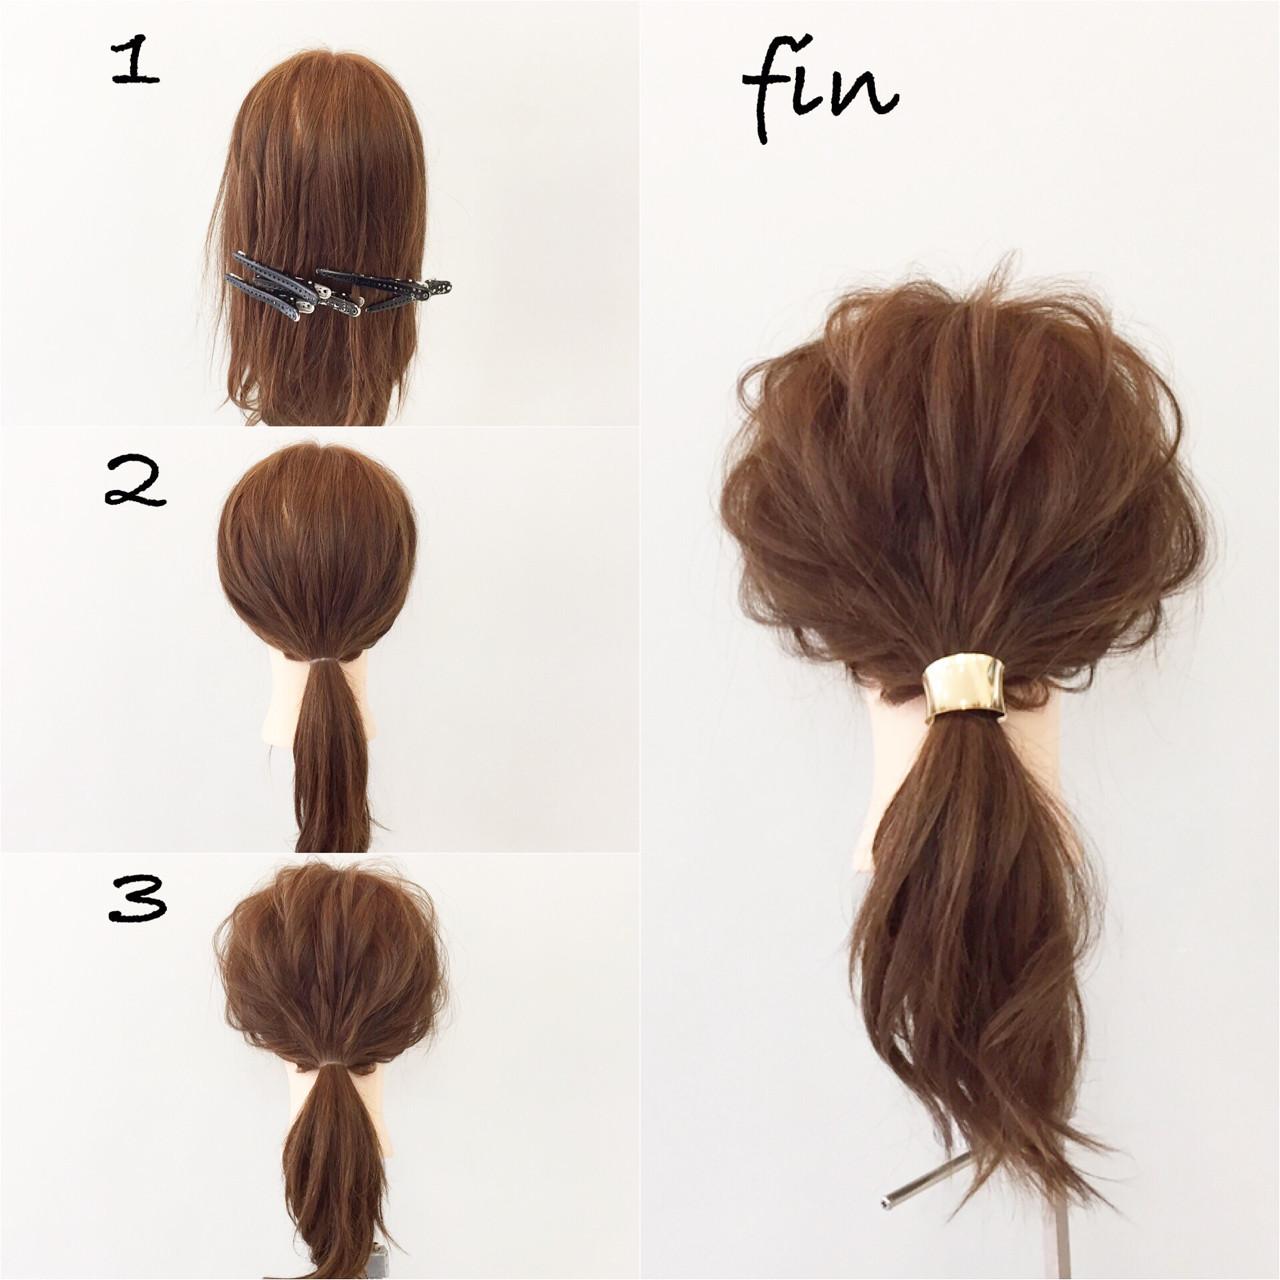 ナチュラル ミディアム 大人女子 簡単ヘアアレンジ ヘアスタイルや髪型の写真・画像 | 新谷 朋宏 / sorte